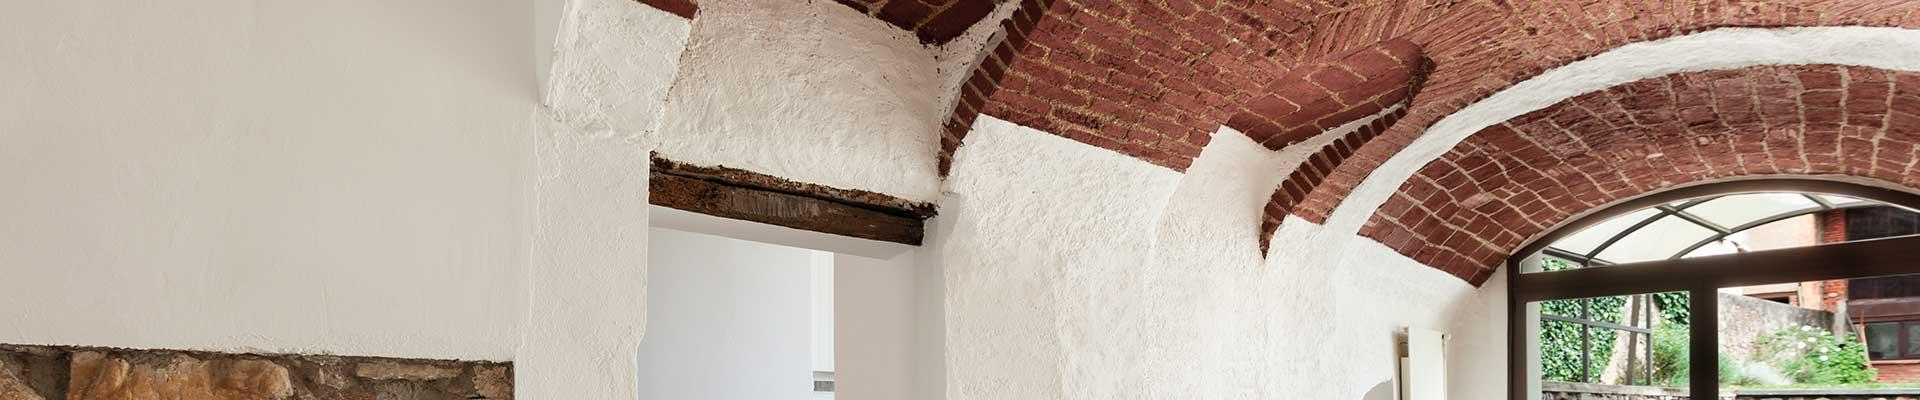 Feuchte Wand - sanierter Gewölbekeller